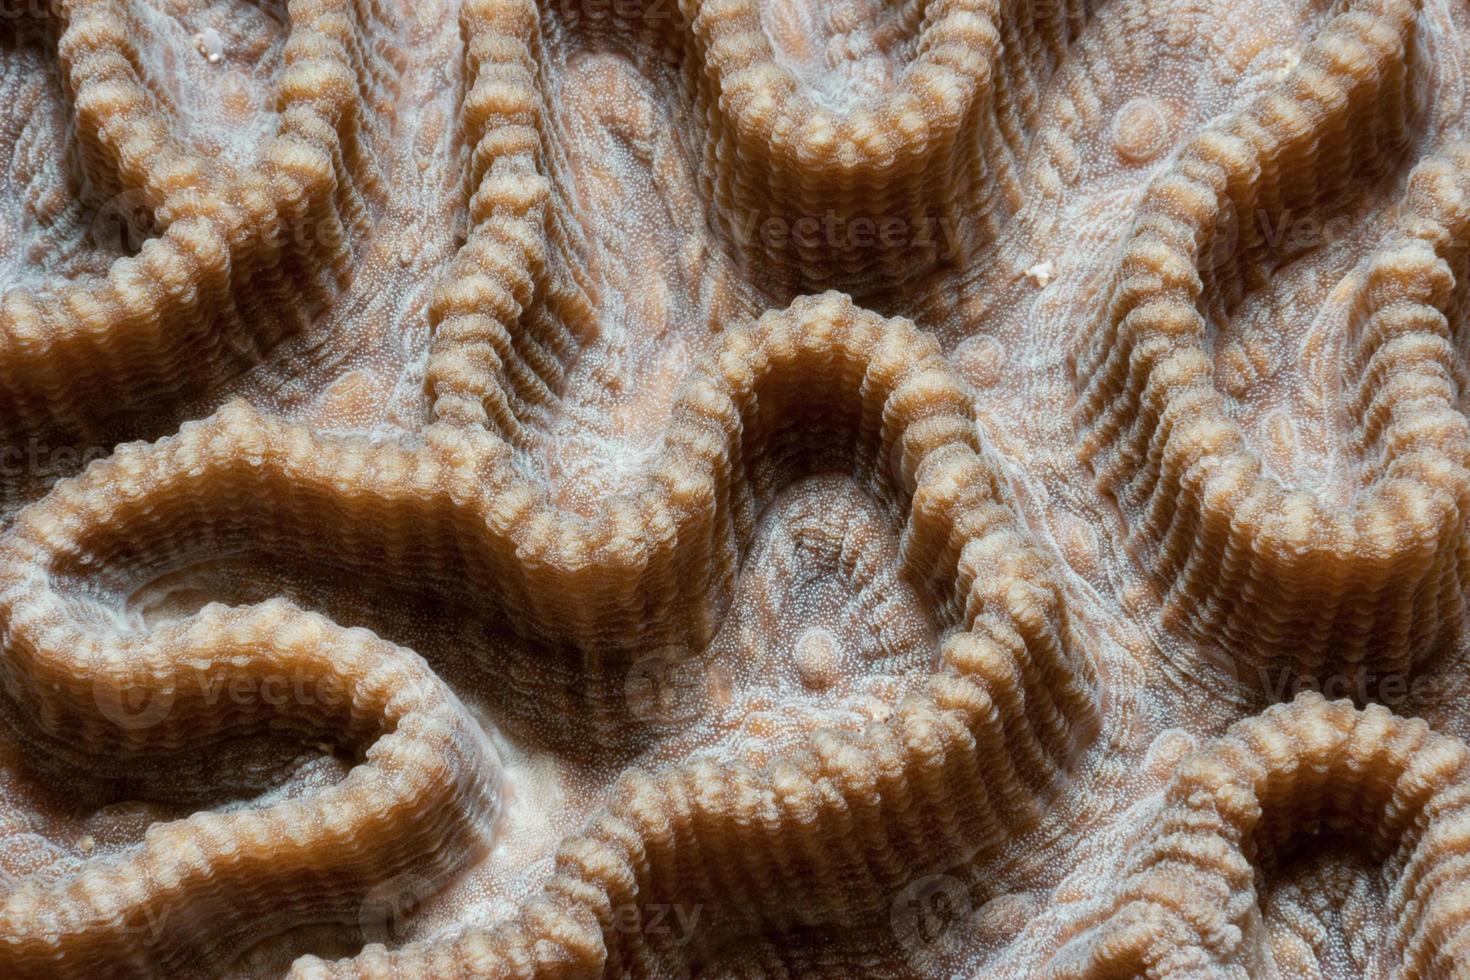 labirinto di corallo duro, isola bunaken, sulawesi settentrionale, indonesia foto